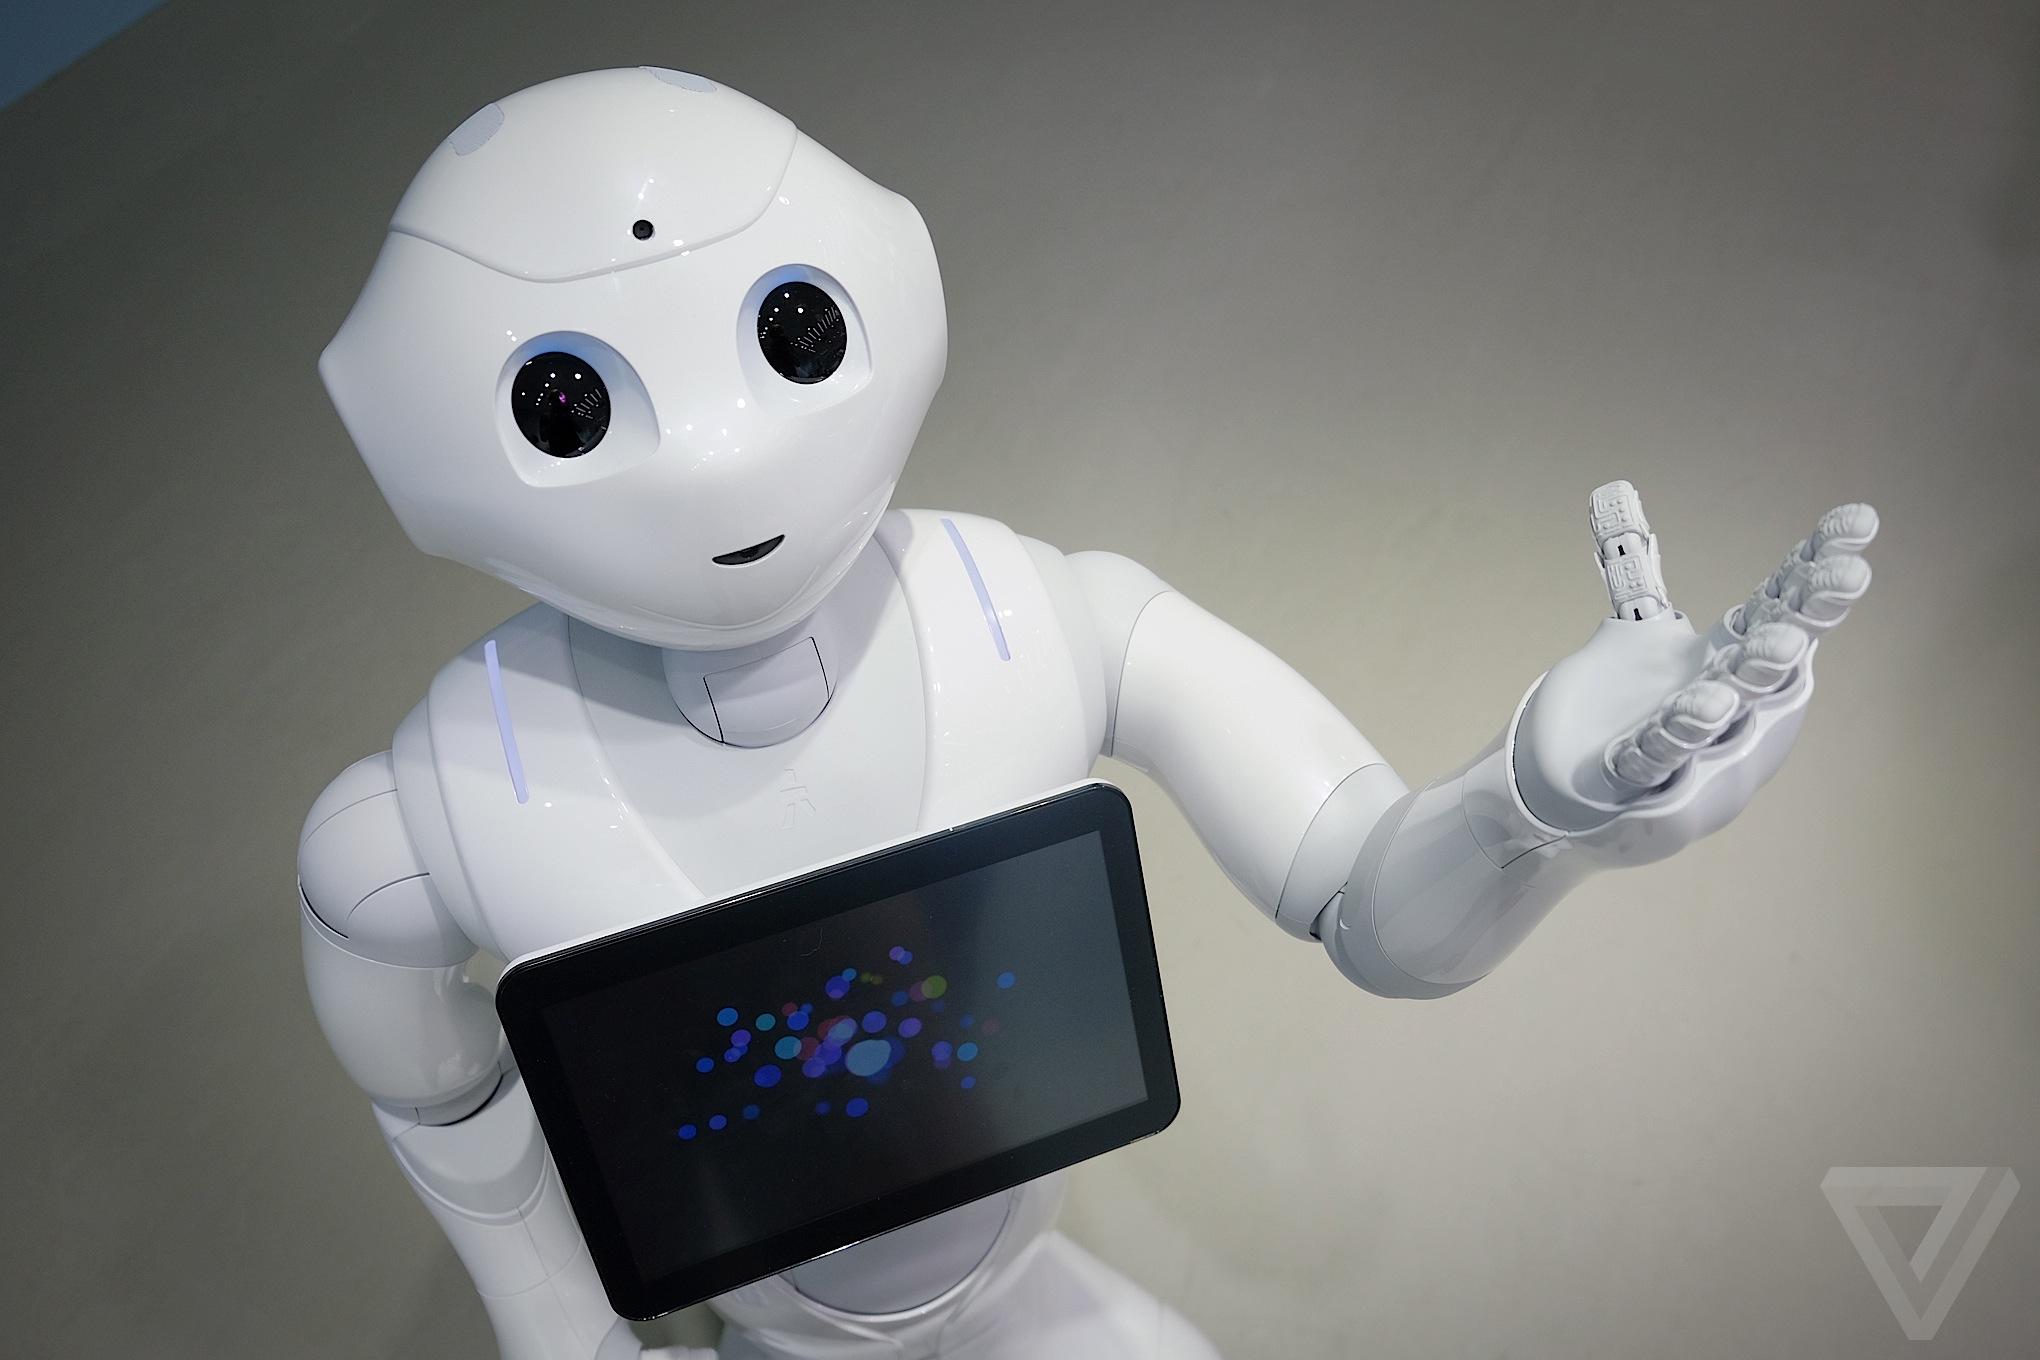 Япония выпускает роботов, распознающих человеческие эмоции